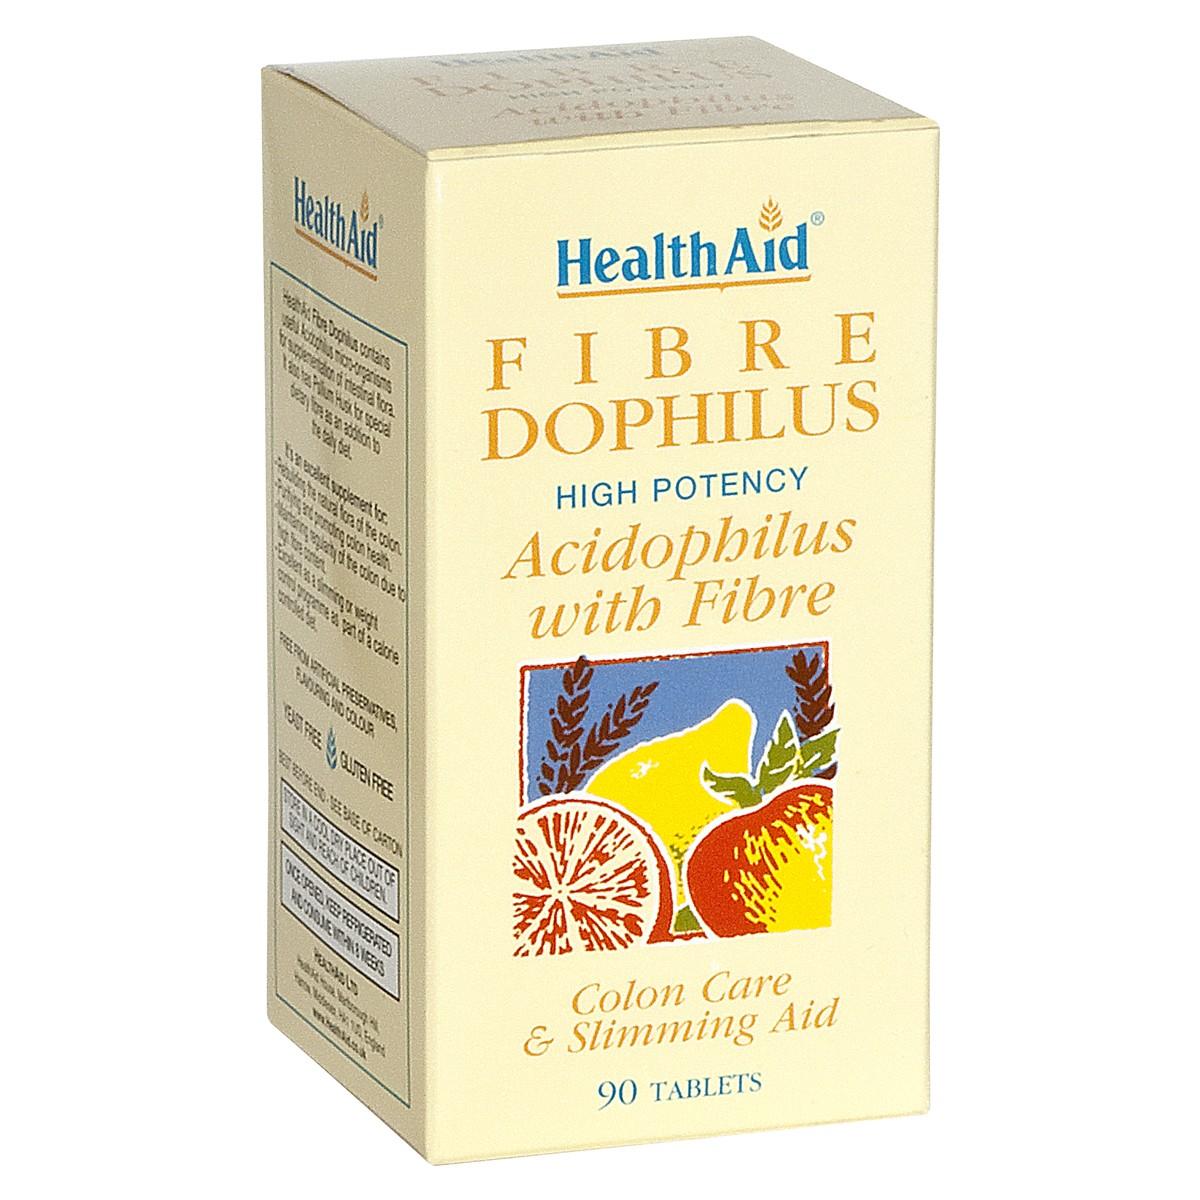 HealthAid Fibre Dophilus (Fibre, Probiotics)